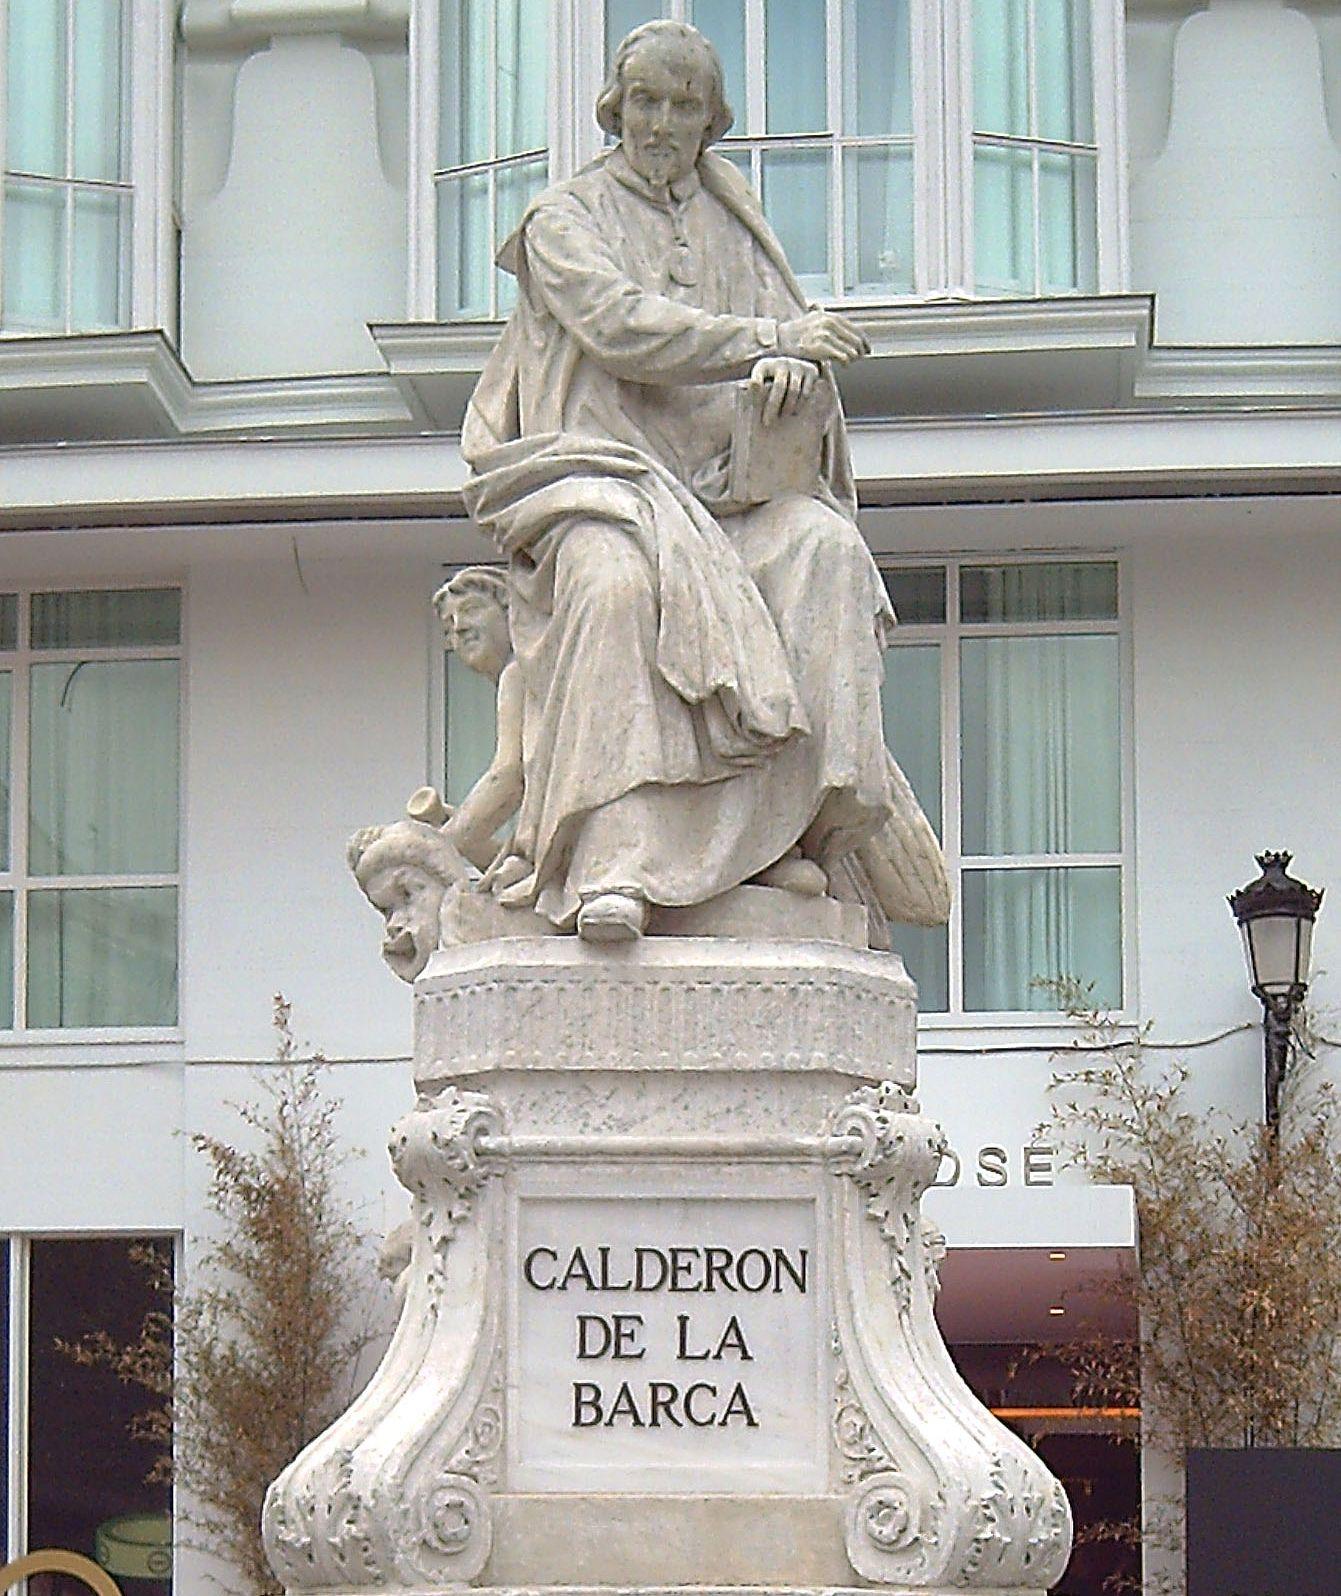 Памятник Кальдерону в Мадриде на площади Святой Анны